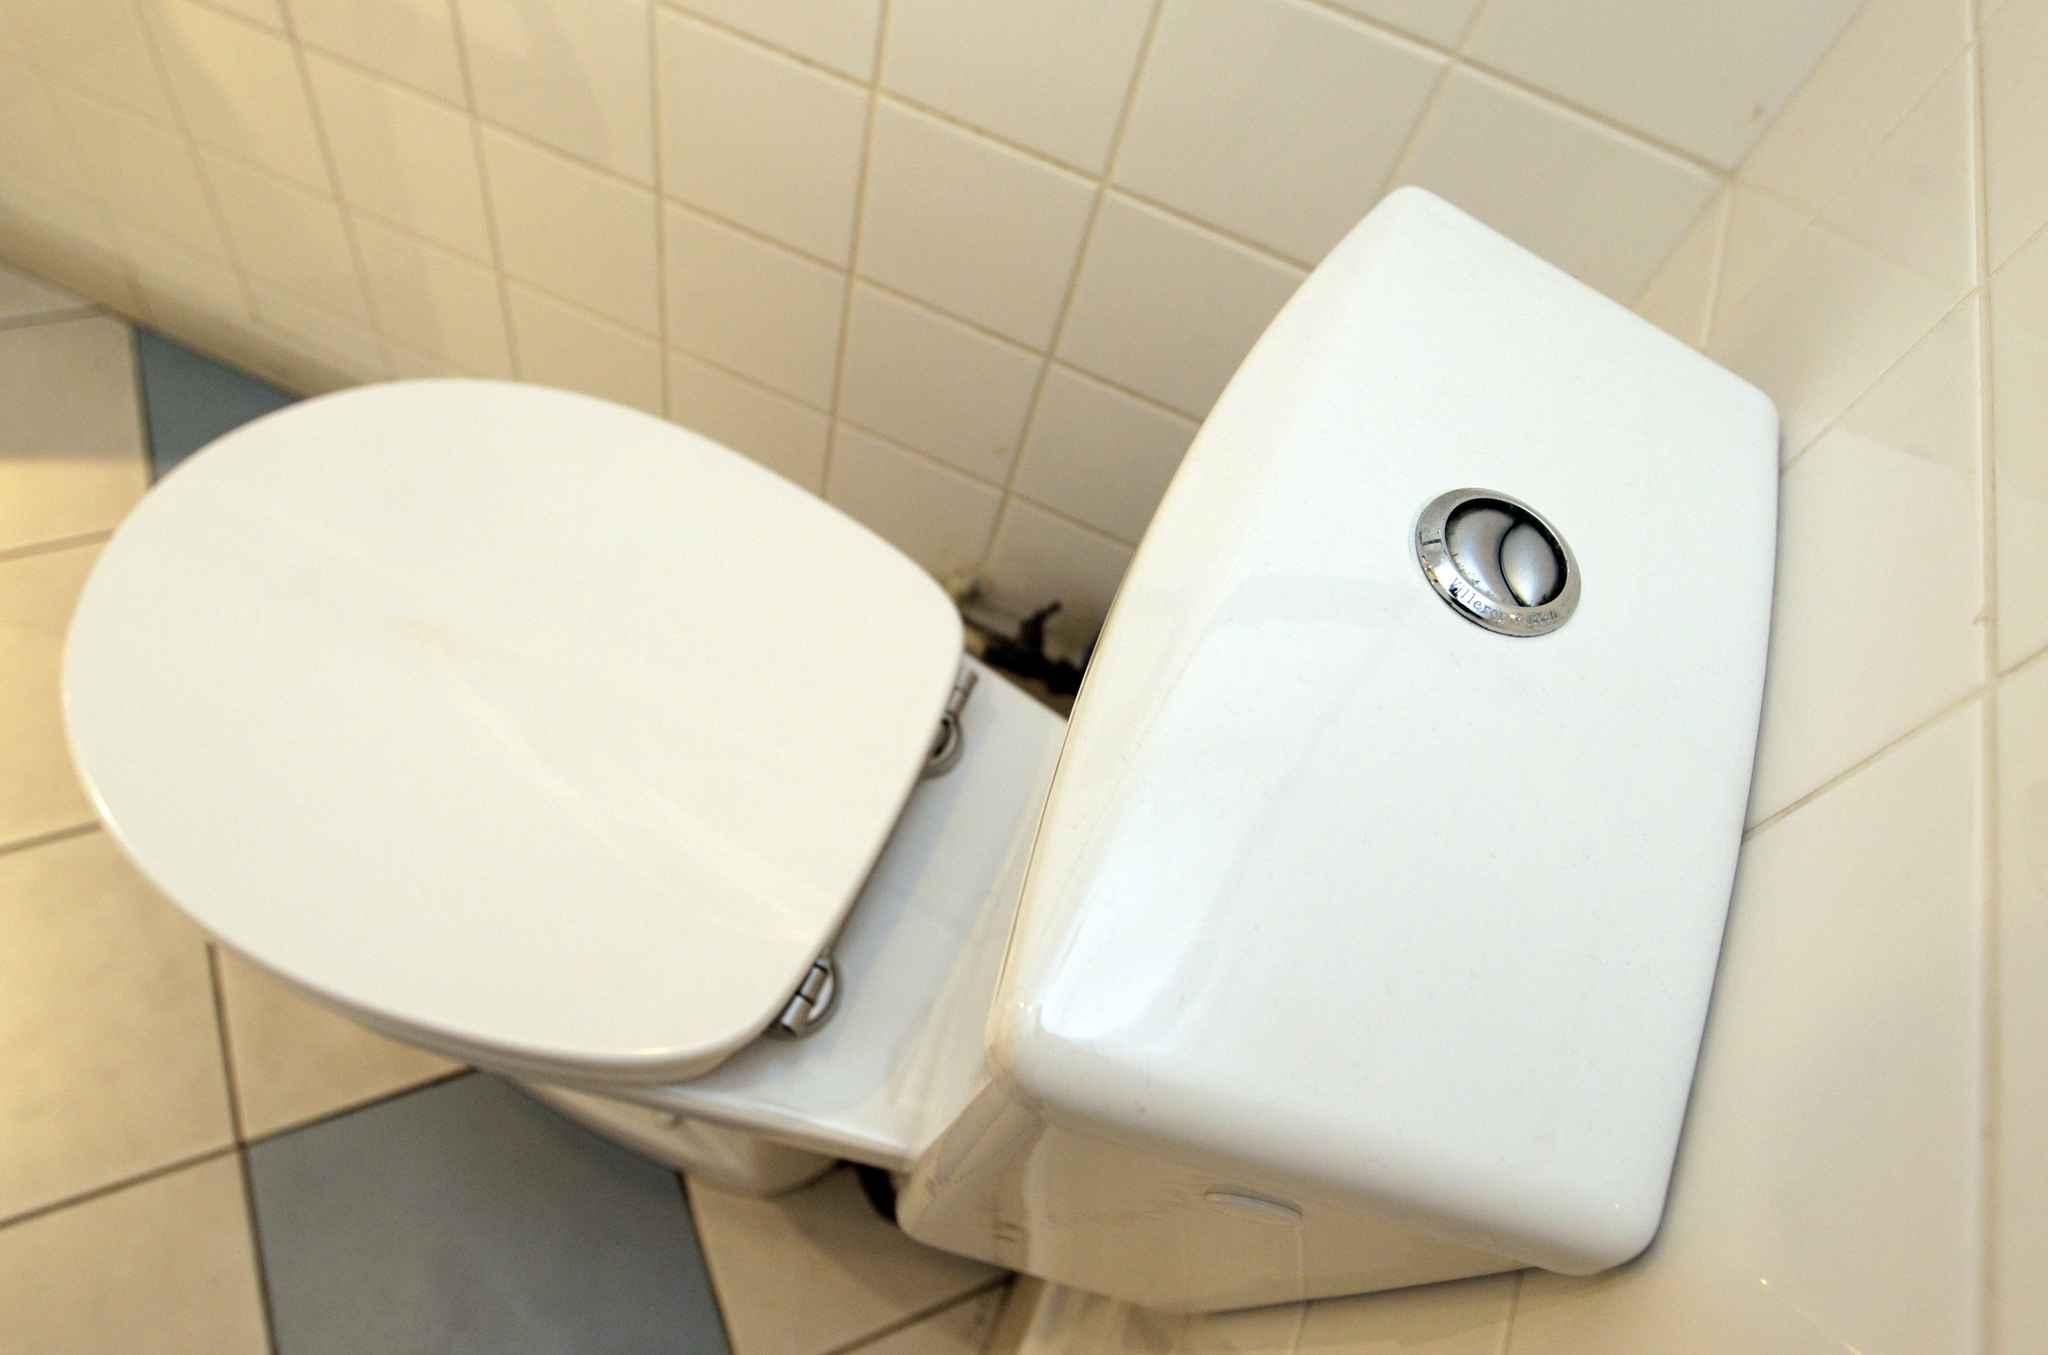 yvelines les plombiers demandaient euros pour d boucher des wc quatre fois le prix pratiqu. Black Bedroom Furniture Sets. Home Design Ideas